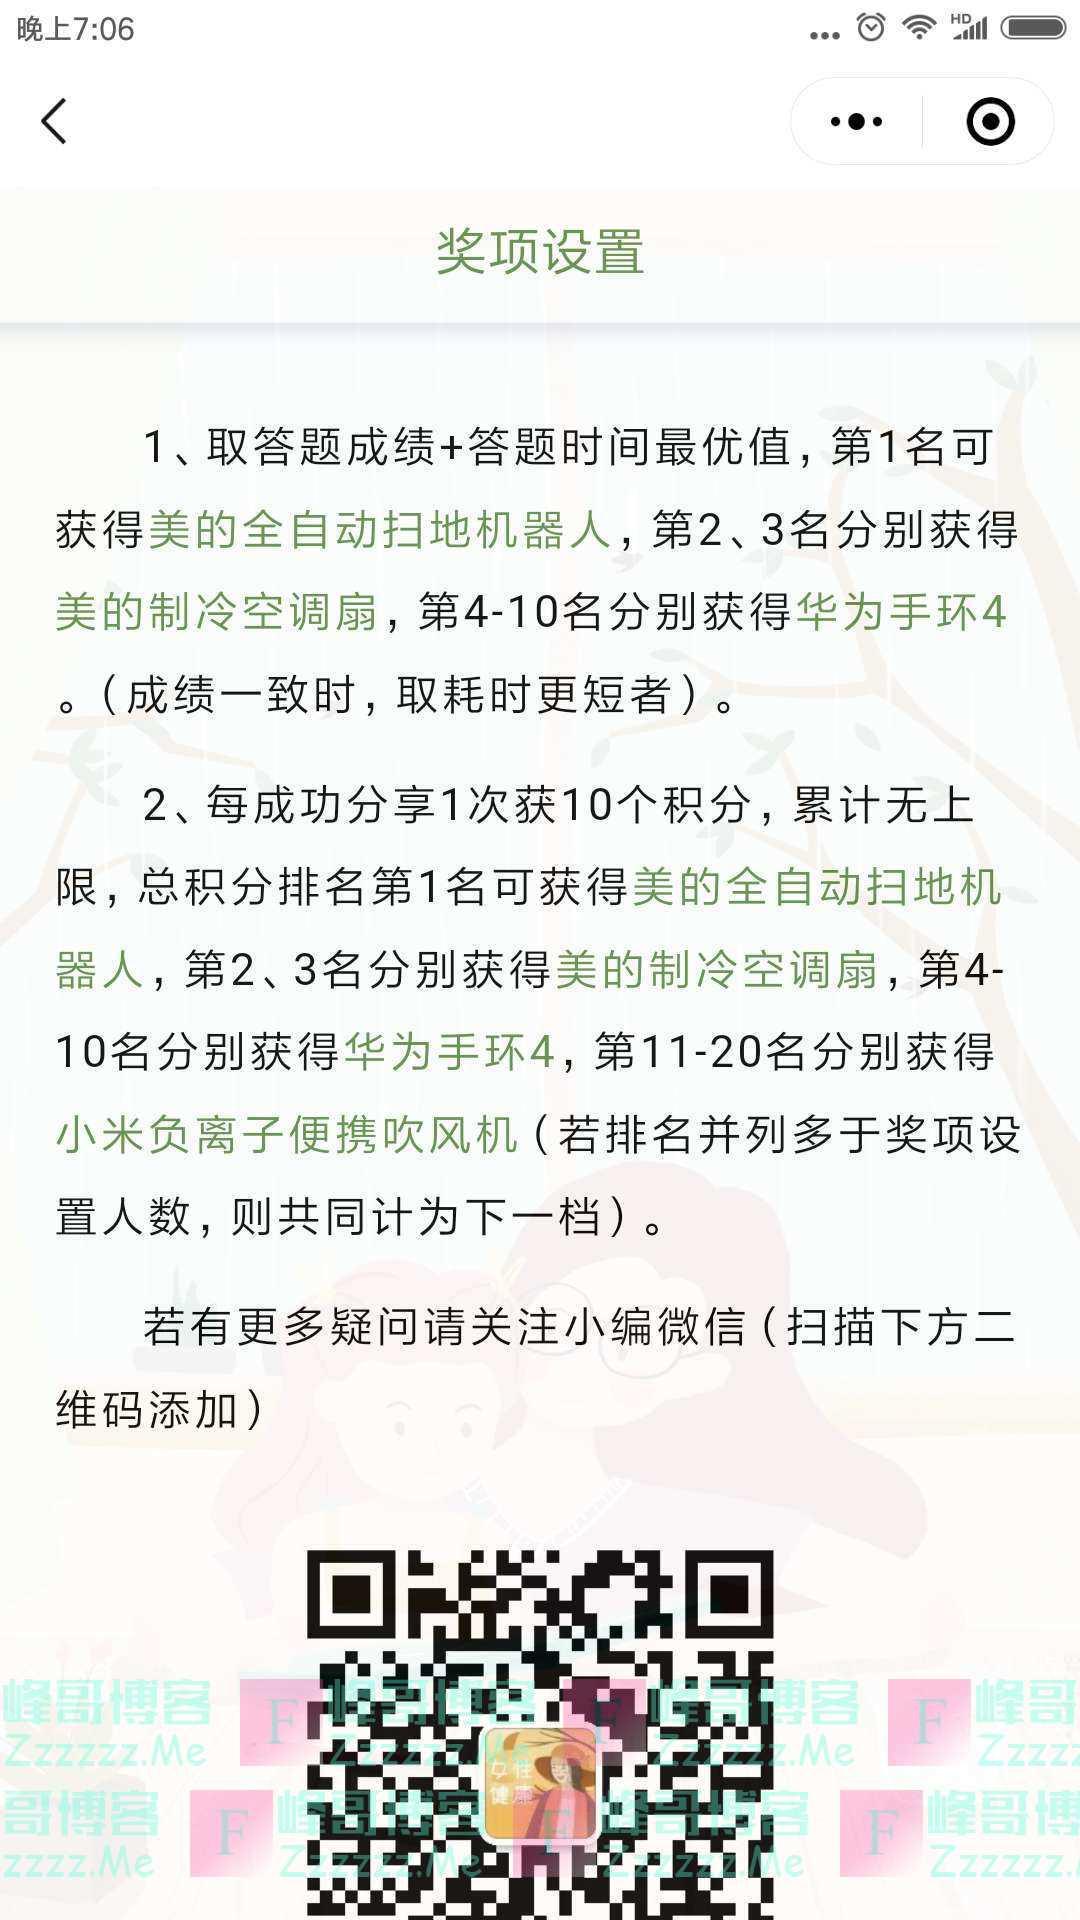 湛江女声健康知识网络有奖竞赛第三期(截止4月19日)